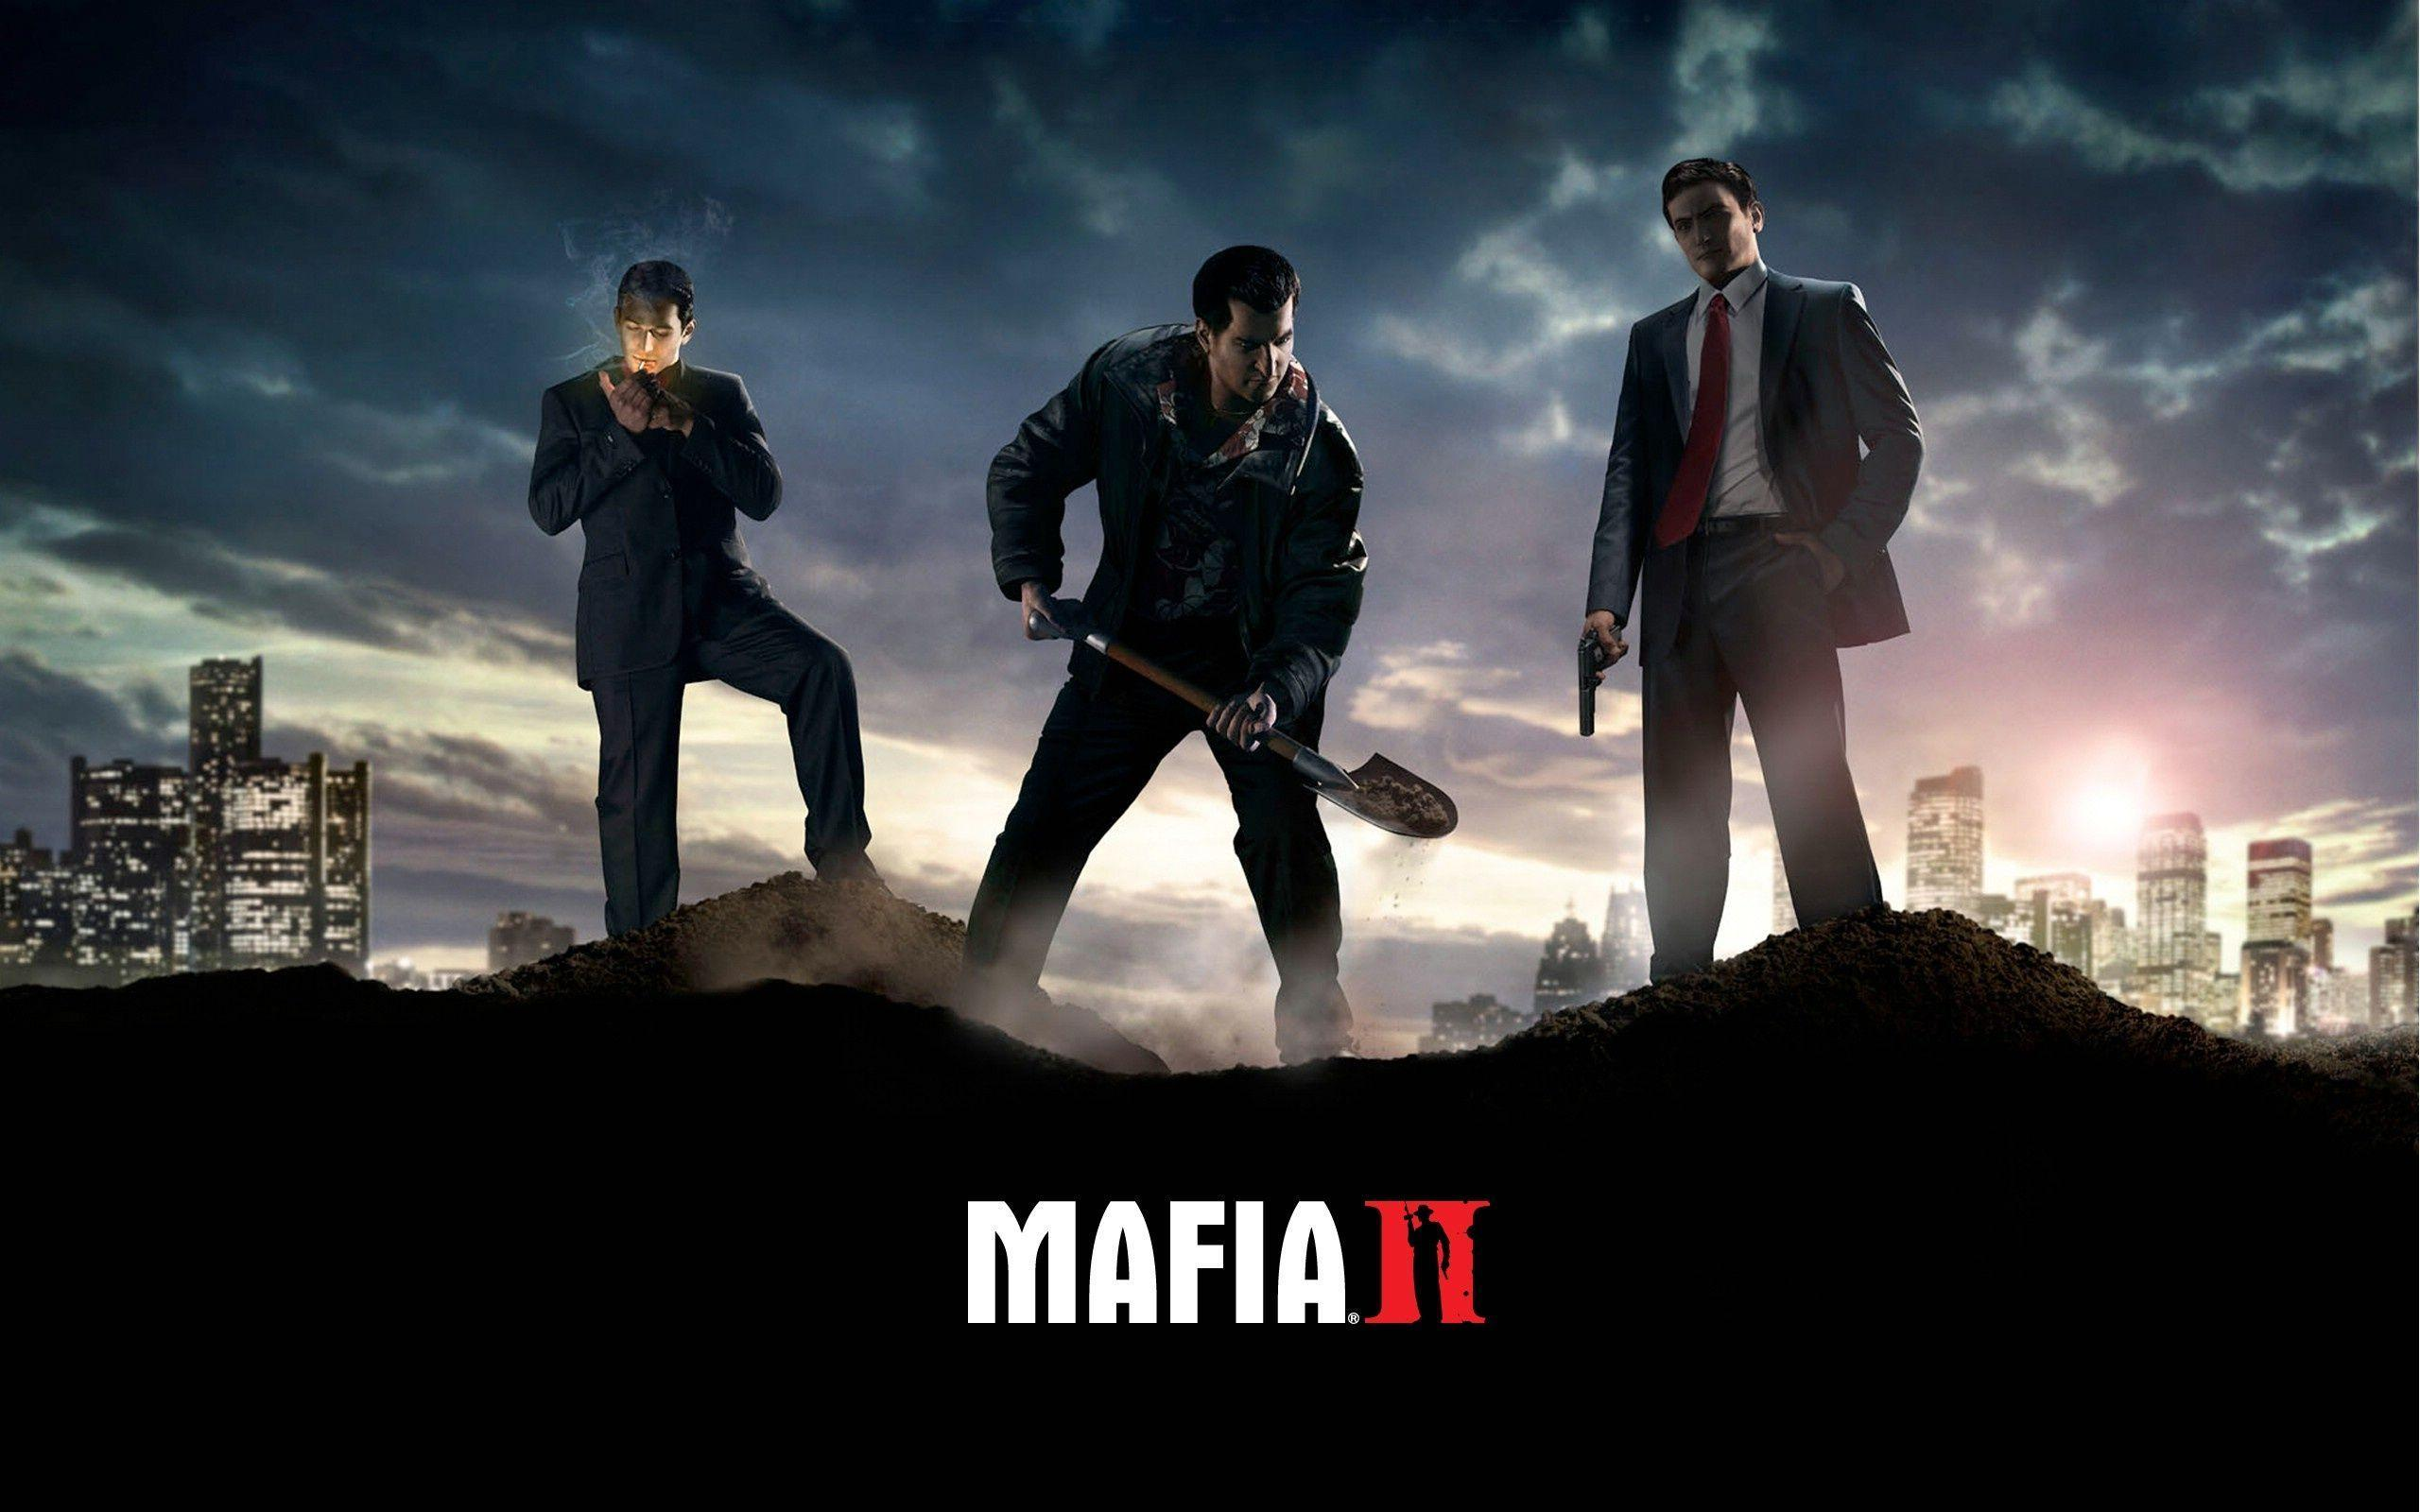 Mafia 1 Wallpaper